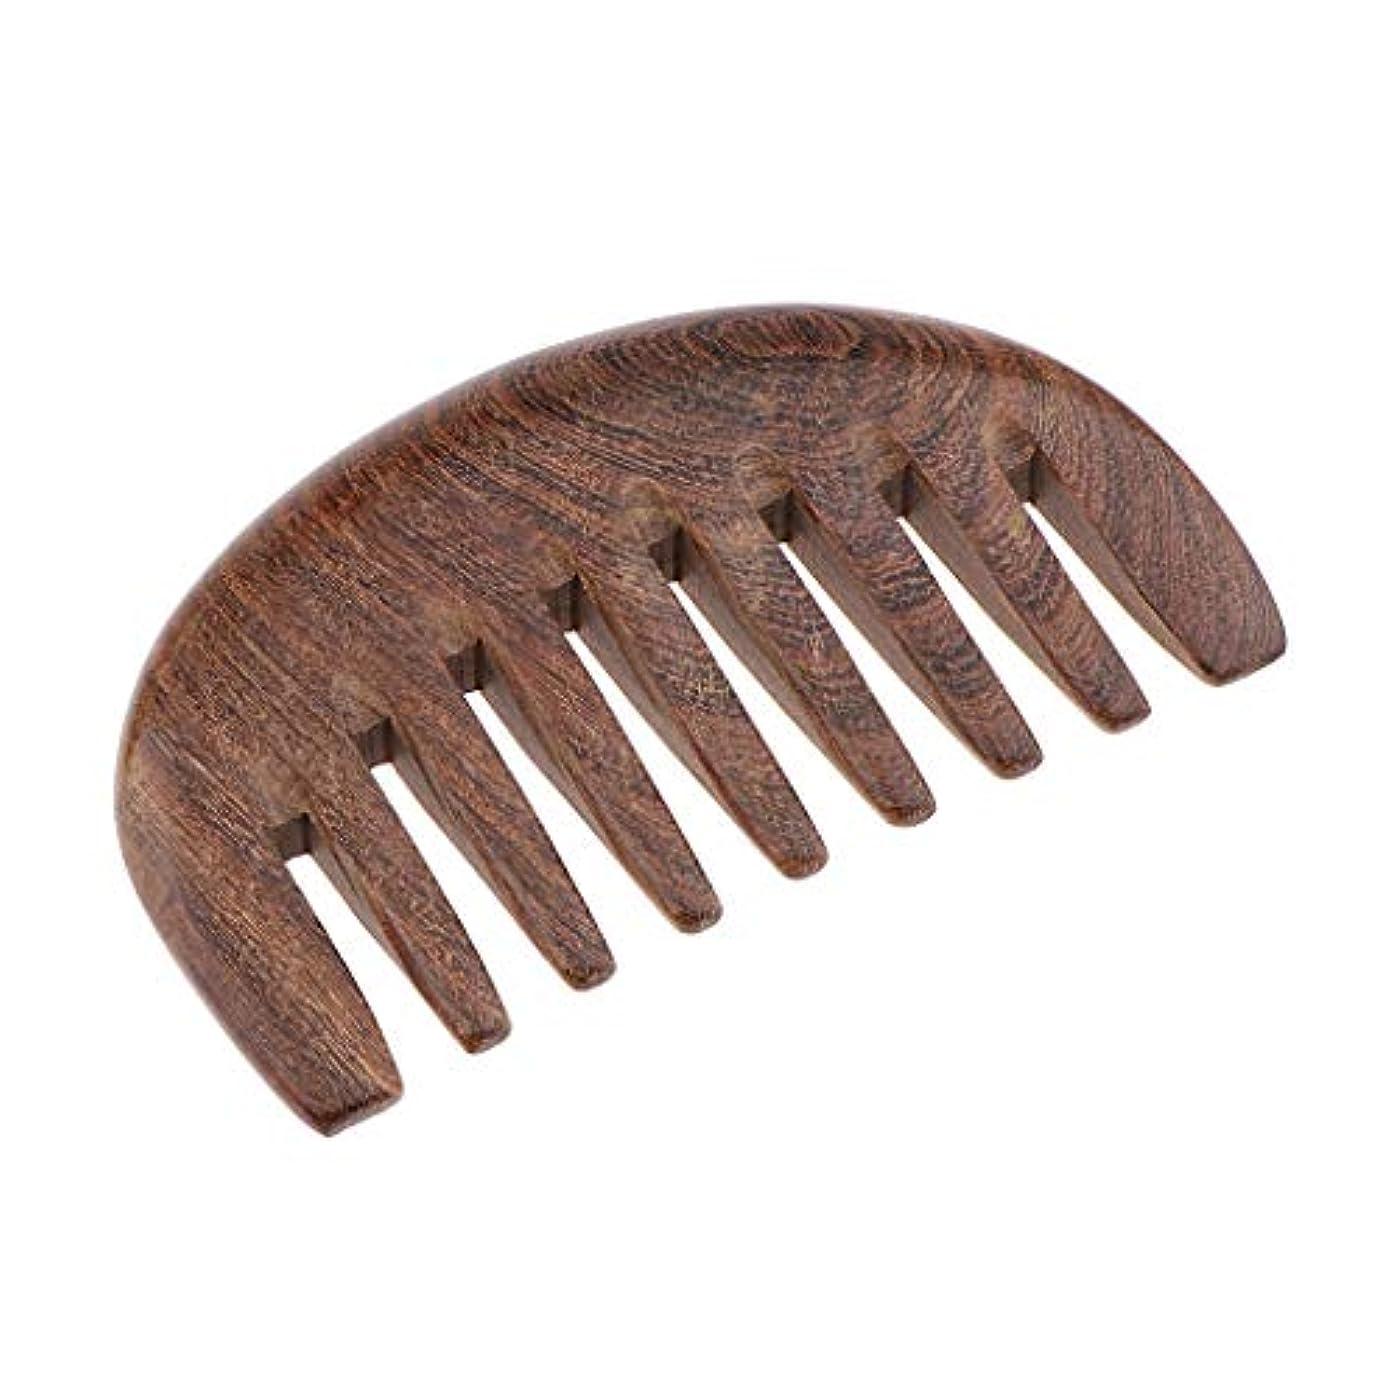 役職アシュリータファーマン怒って木製櫛 ヘアブラシ 帯電防止櫛 人間工学 3色選べ - クロロフォラ